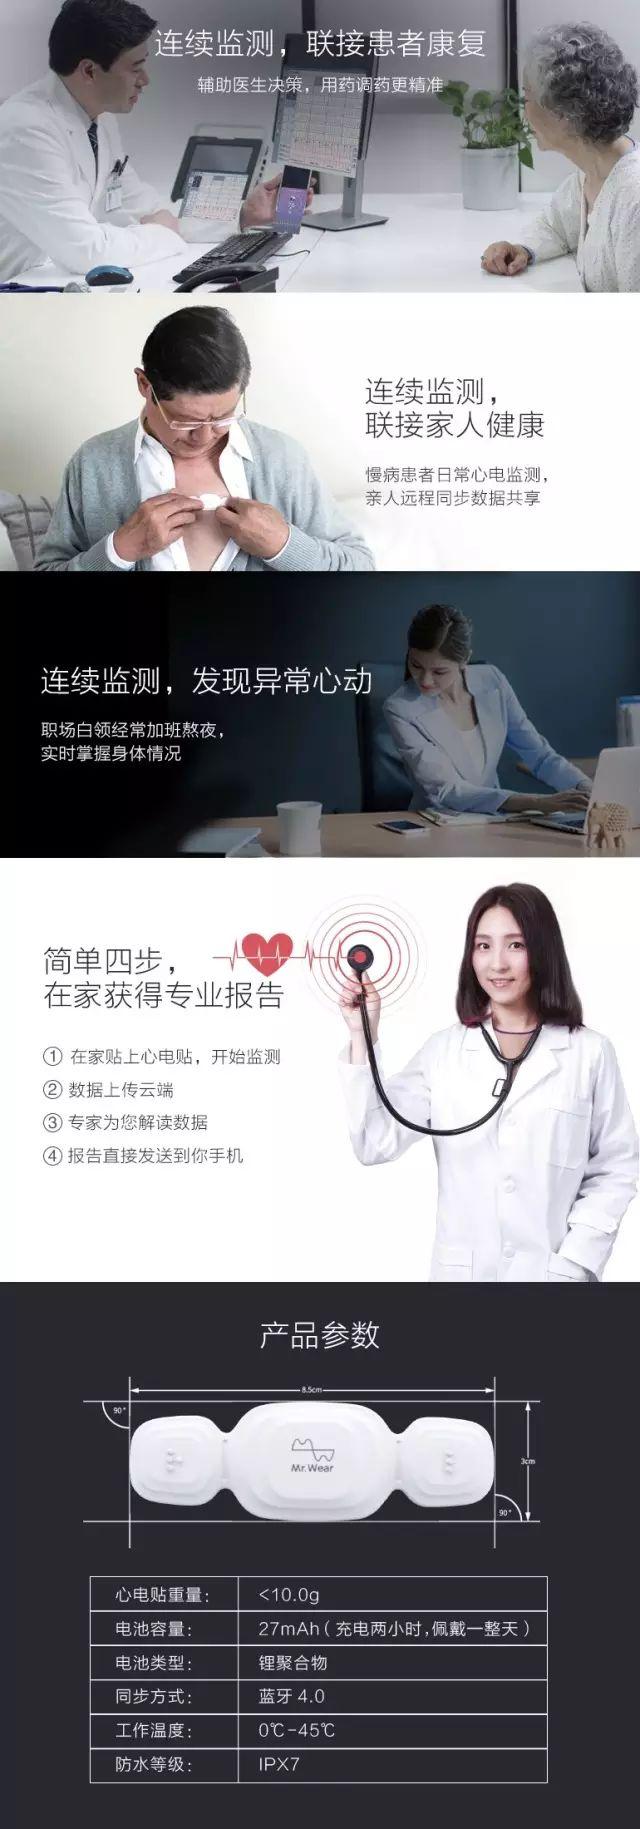 【心卫士公益】卒中患者免费在家做房颤筛查,远离卒中复发危险